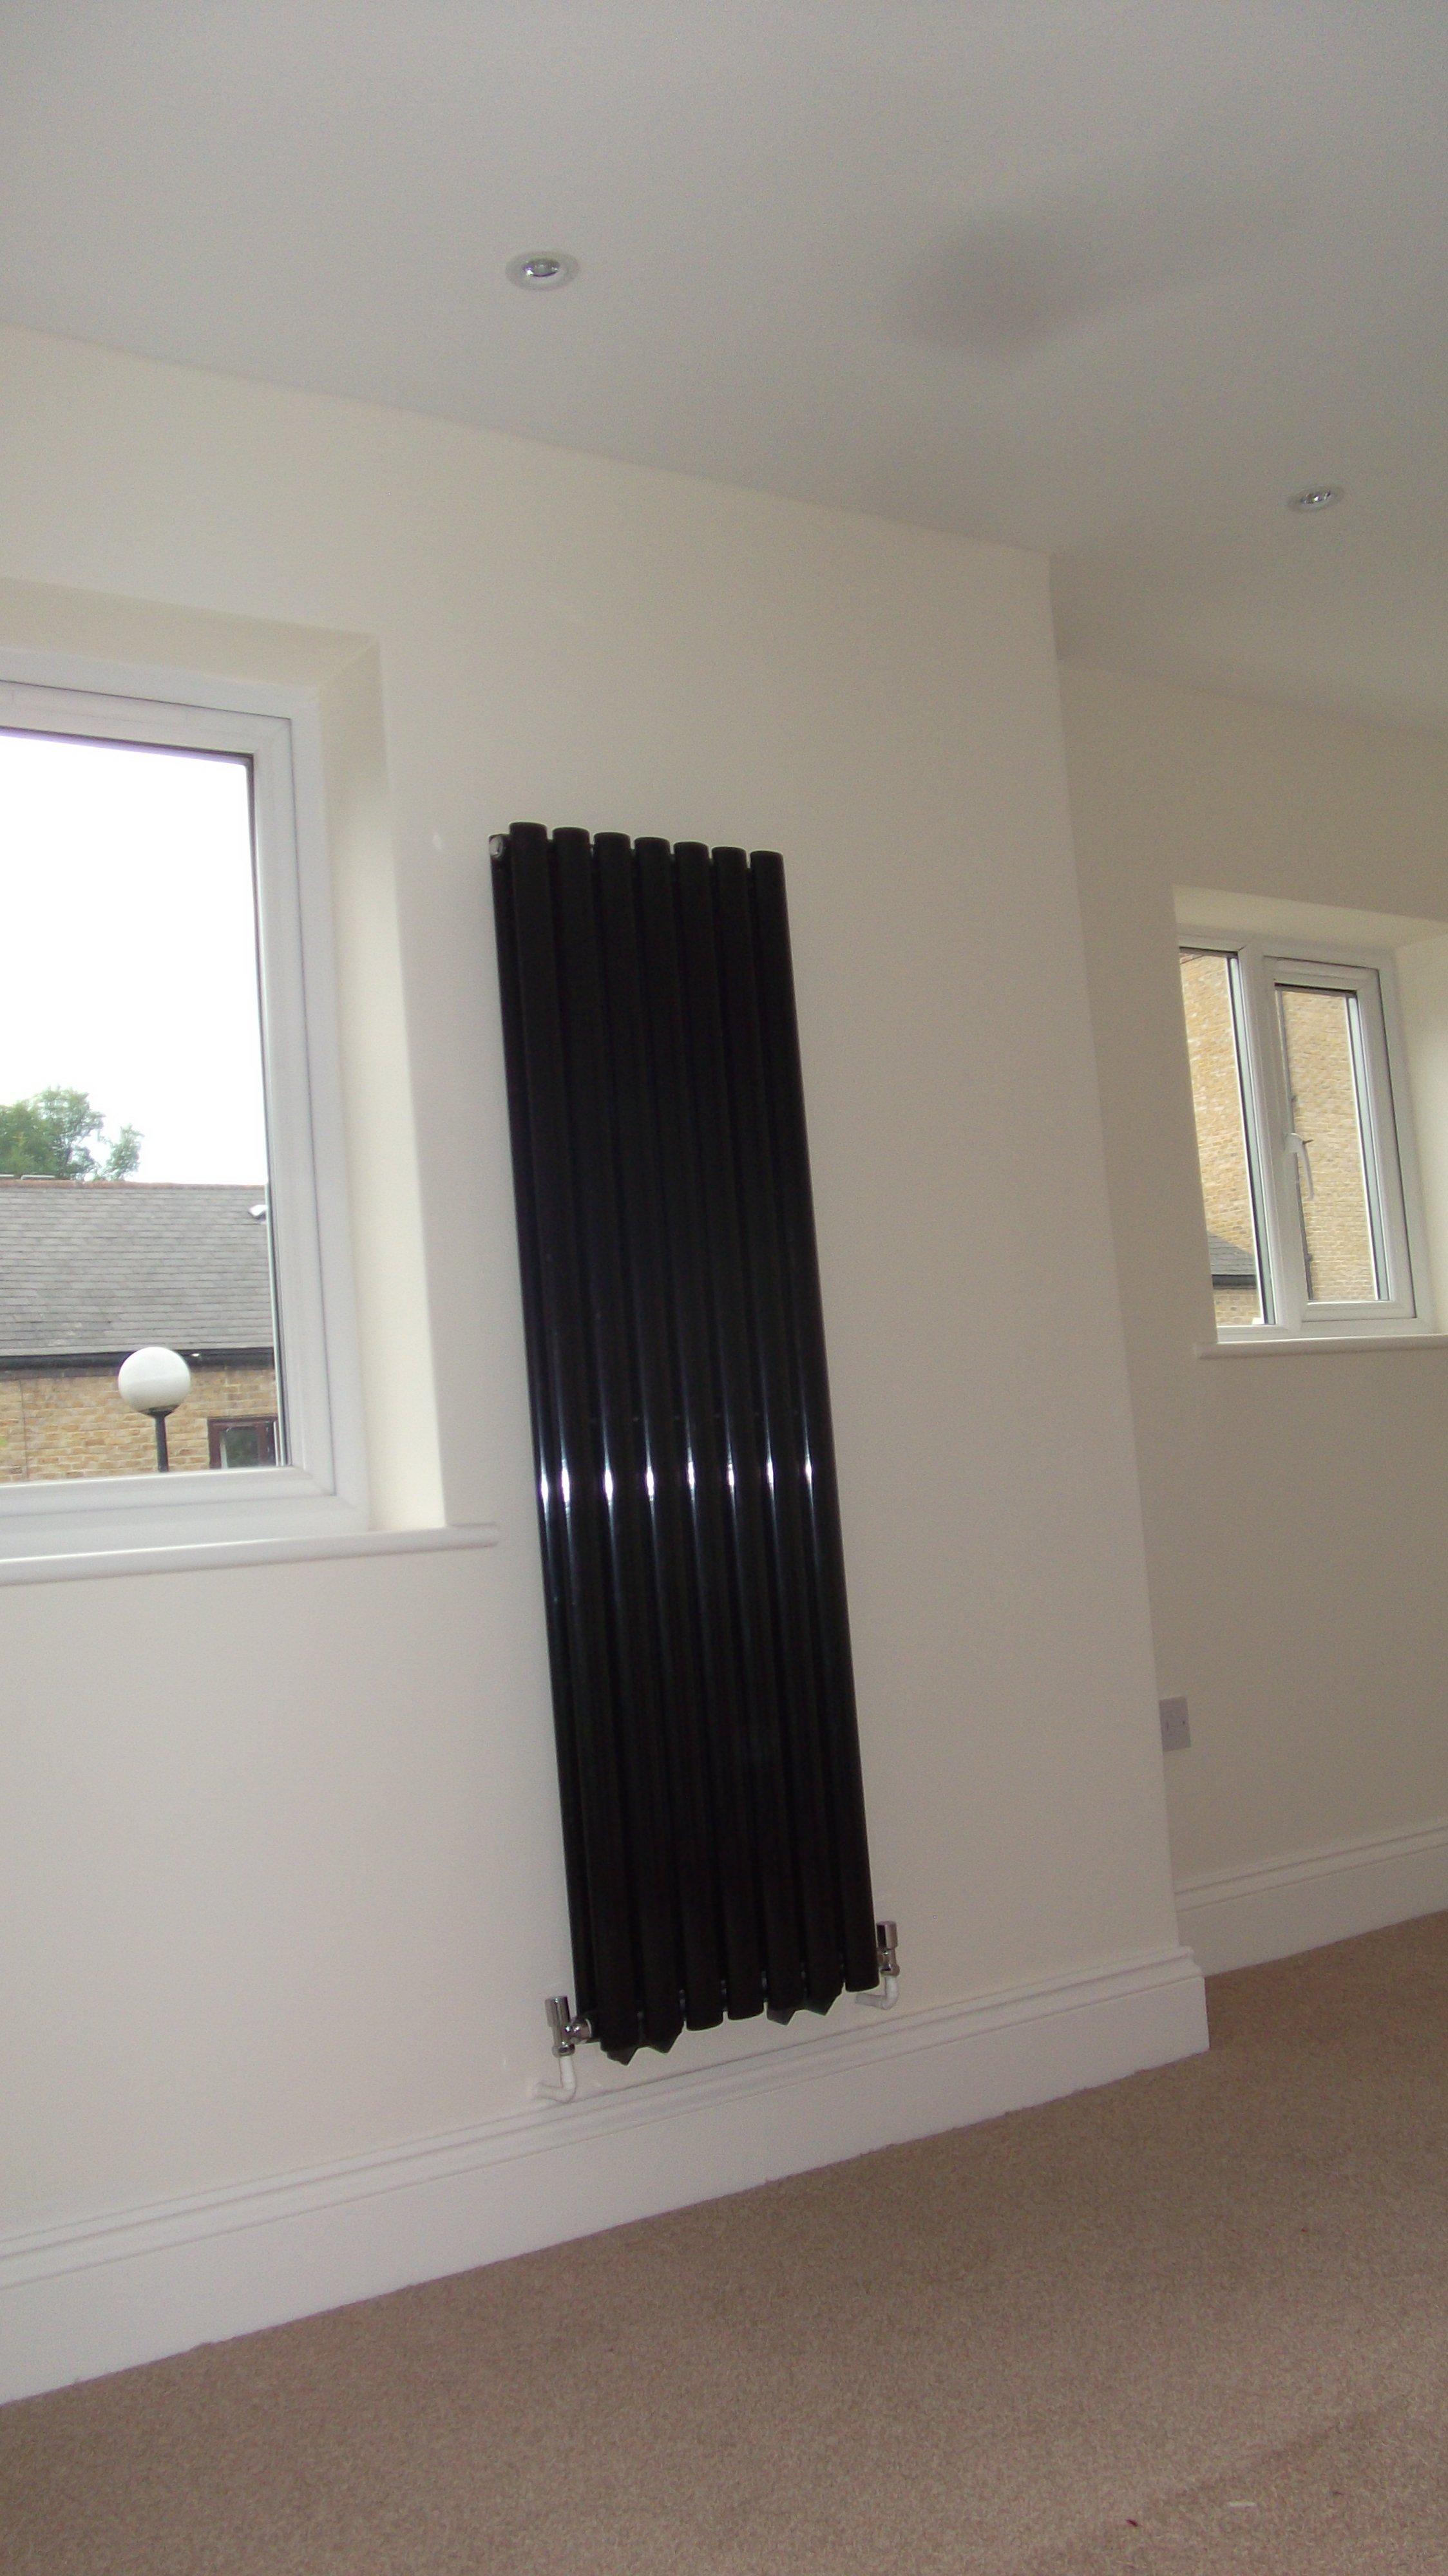 Designer radiator in bedroom